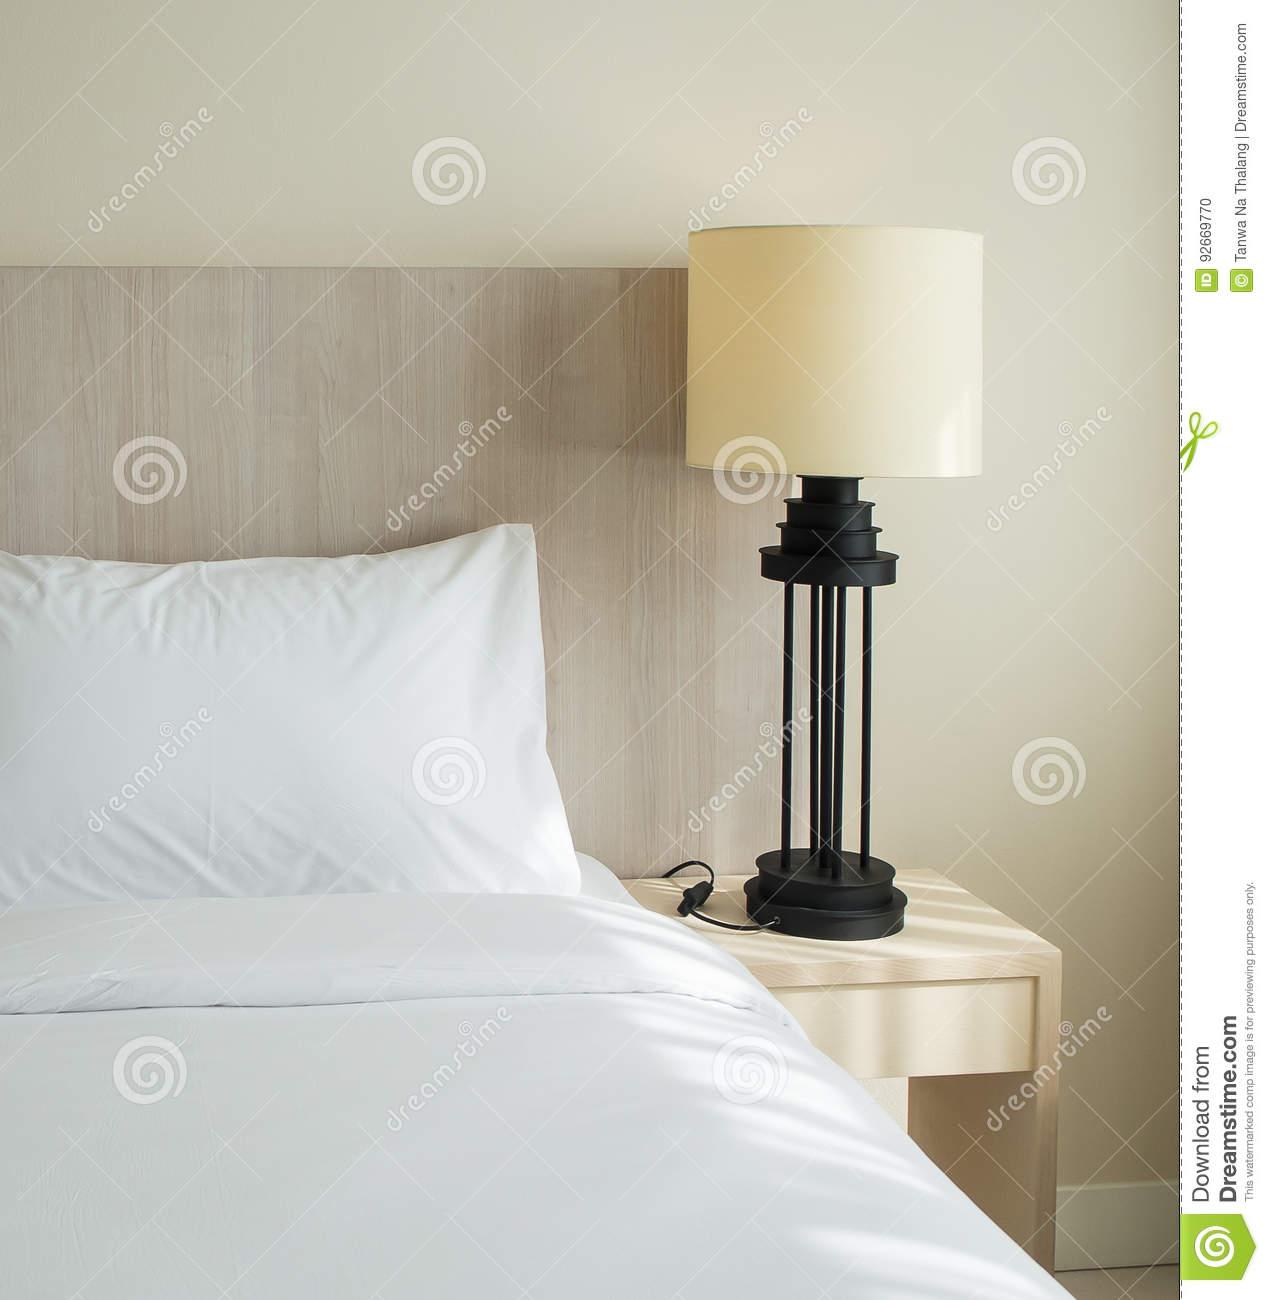 Full Size of Lampe Schlafzimmer Mit Auf Holztisch Stockfoto Bild Von Luxus Weißes Wohnzimmer Lampen Gardinen Tischlampe Stuhl Für Tapeten Günstige Schrank Teppich Bad Schlafzimmer Lampe Schlafzimmer